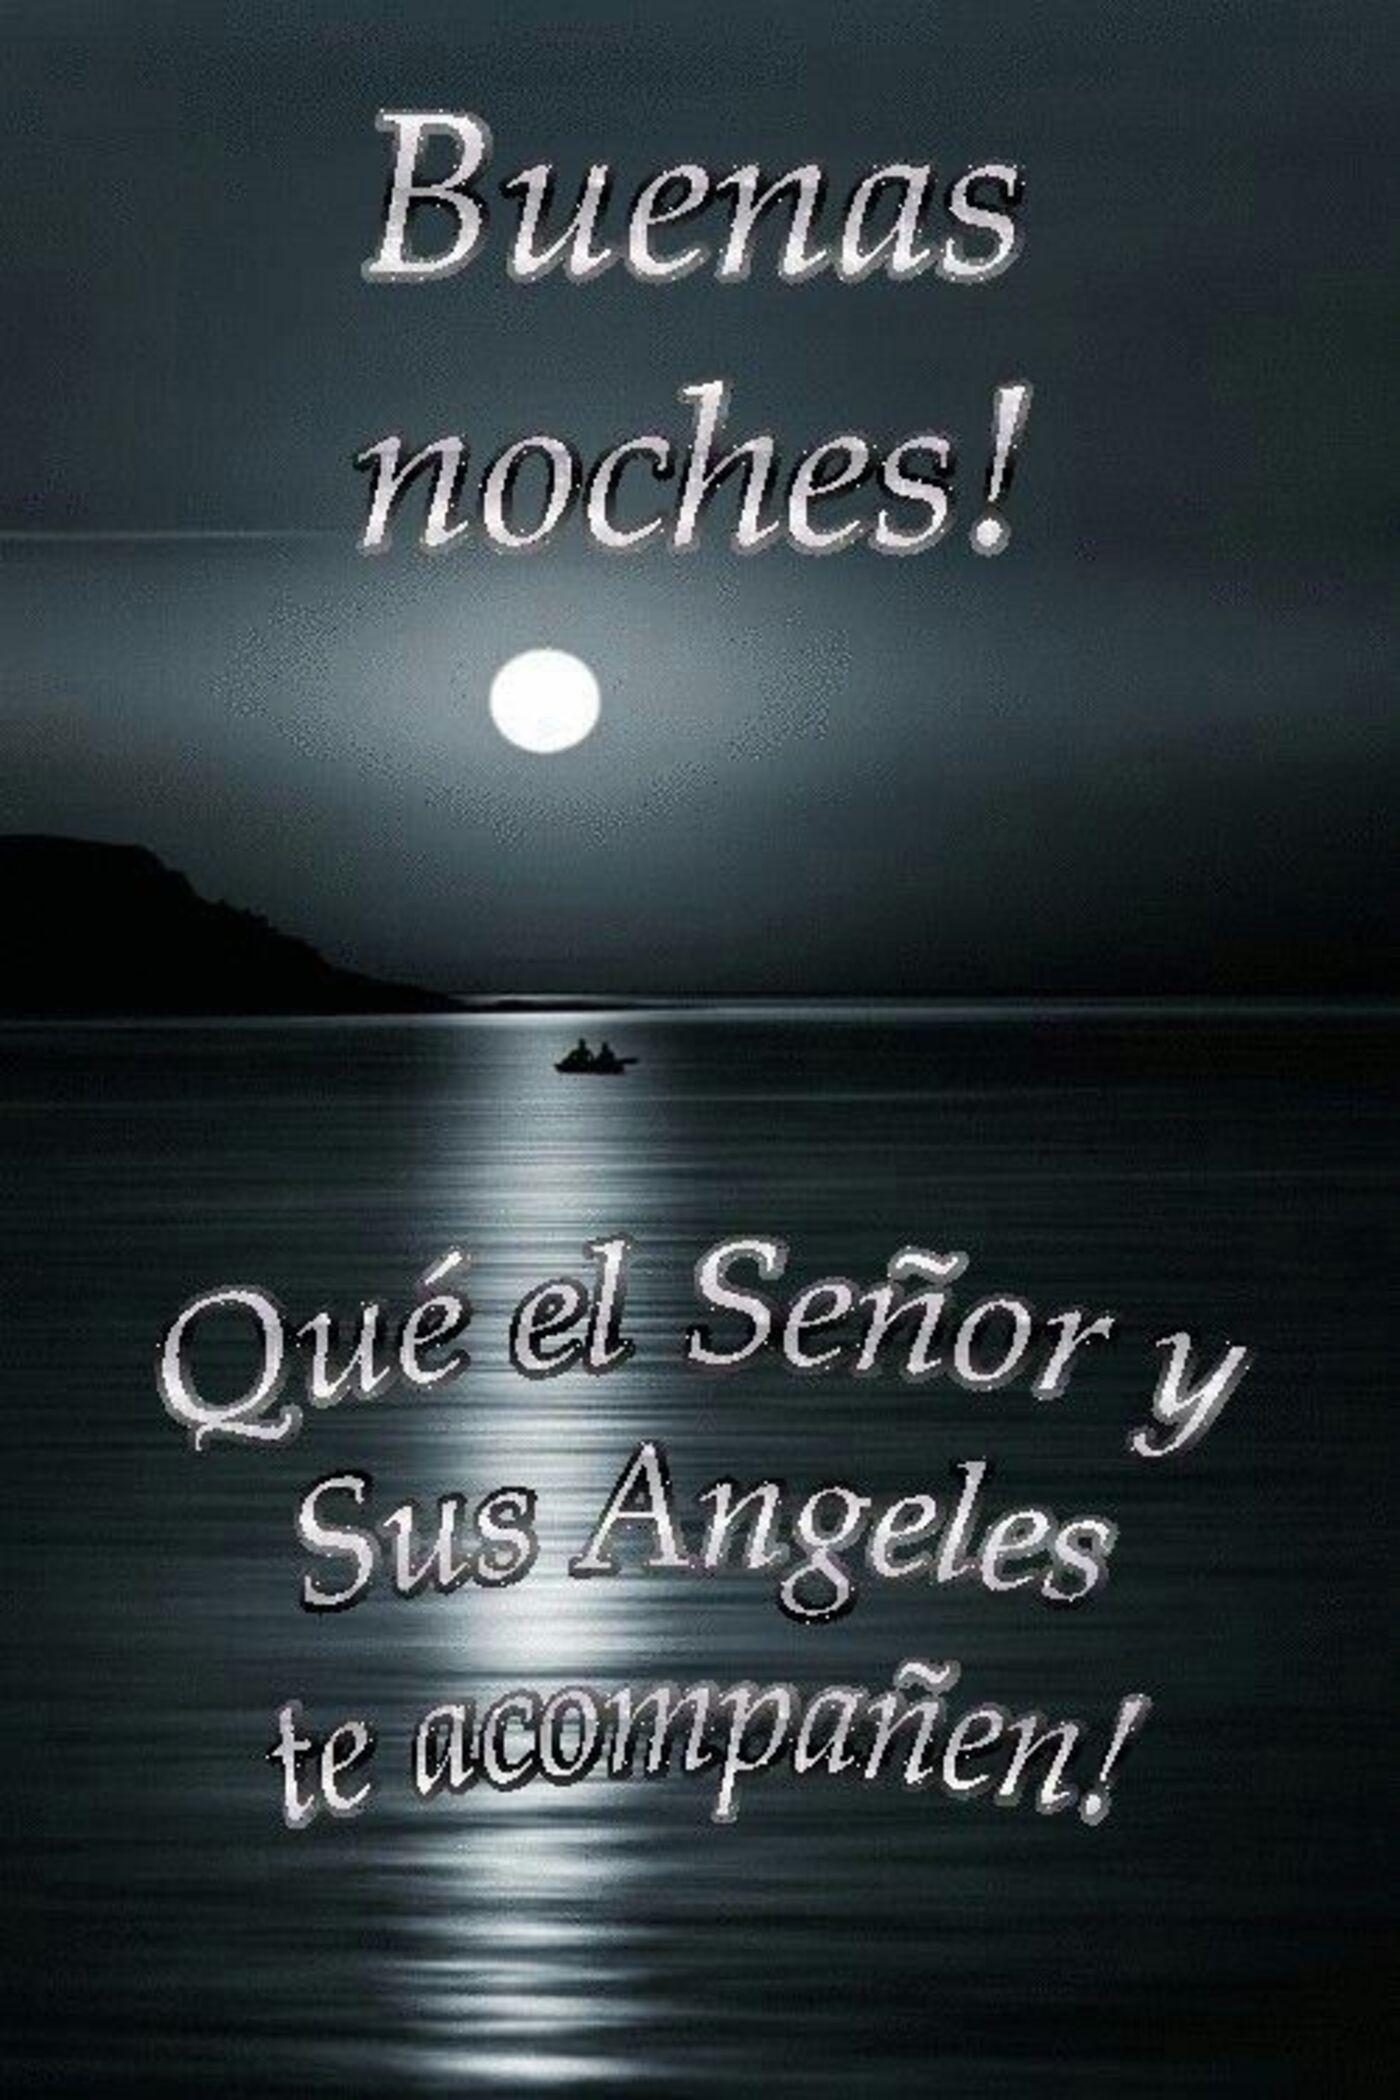 Buenas noches! Que el Señor y sus angeles te acompañen!